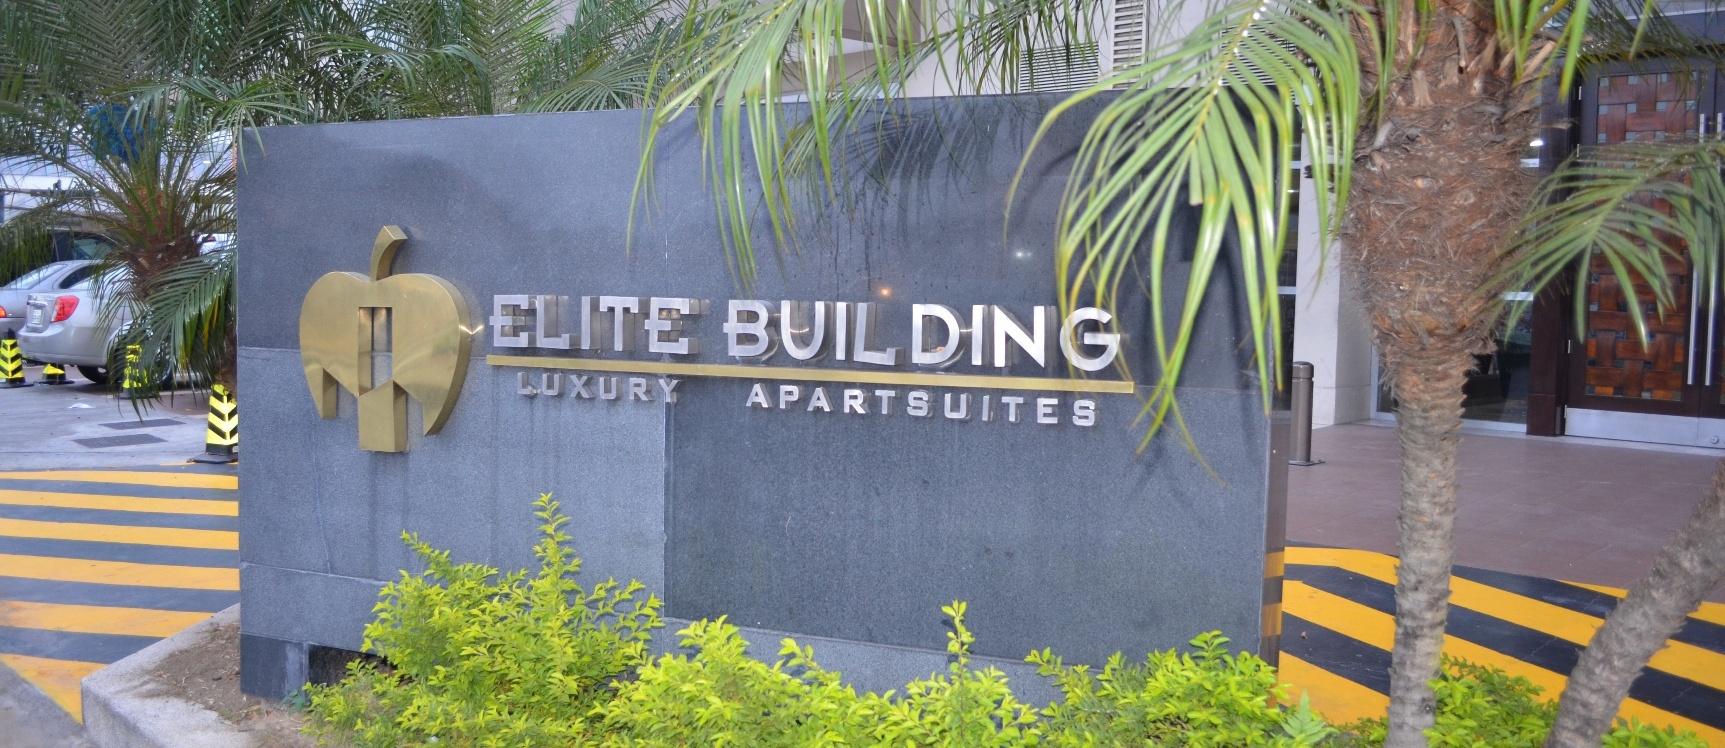 GeoBienes - Suite en alquiler en edificio Élite Building sector Mall del Sol - norte de Guayaquil  - Plusvalia Guayaquil Casas de venta y alquiler Inmobiliaria Ecuador